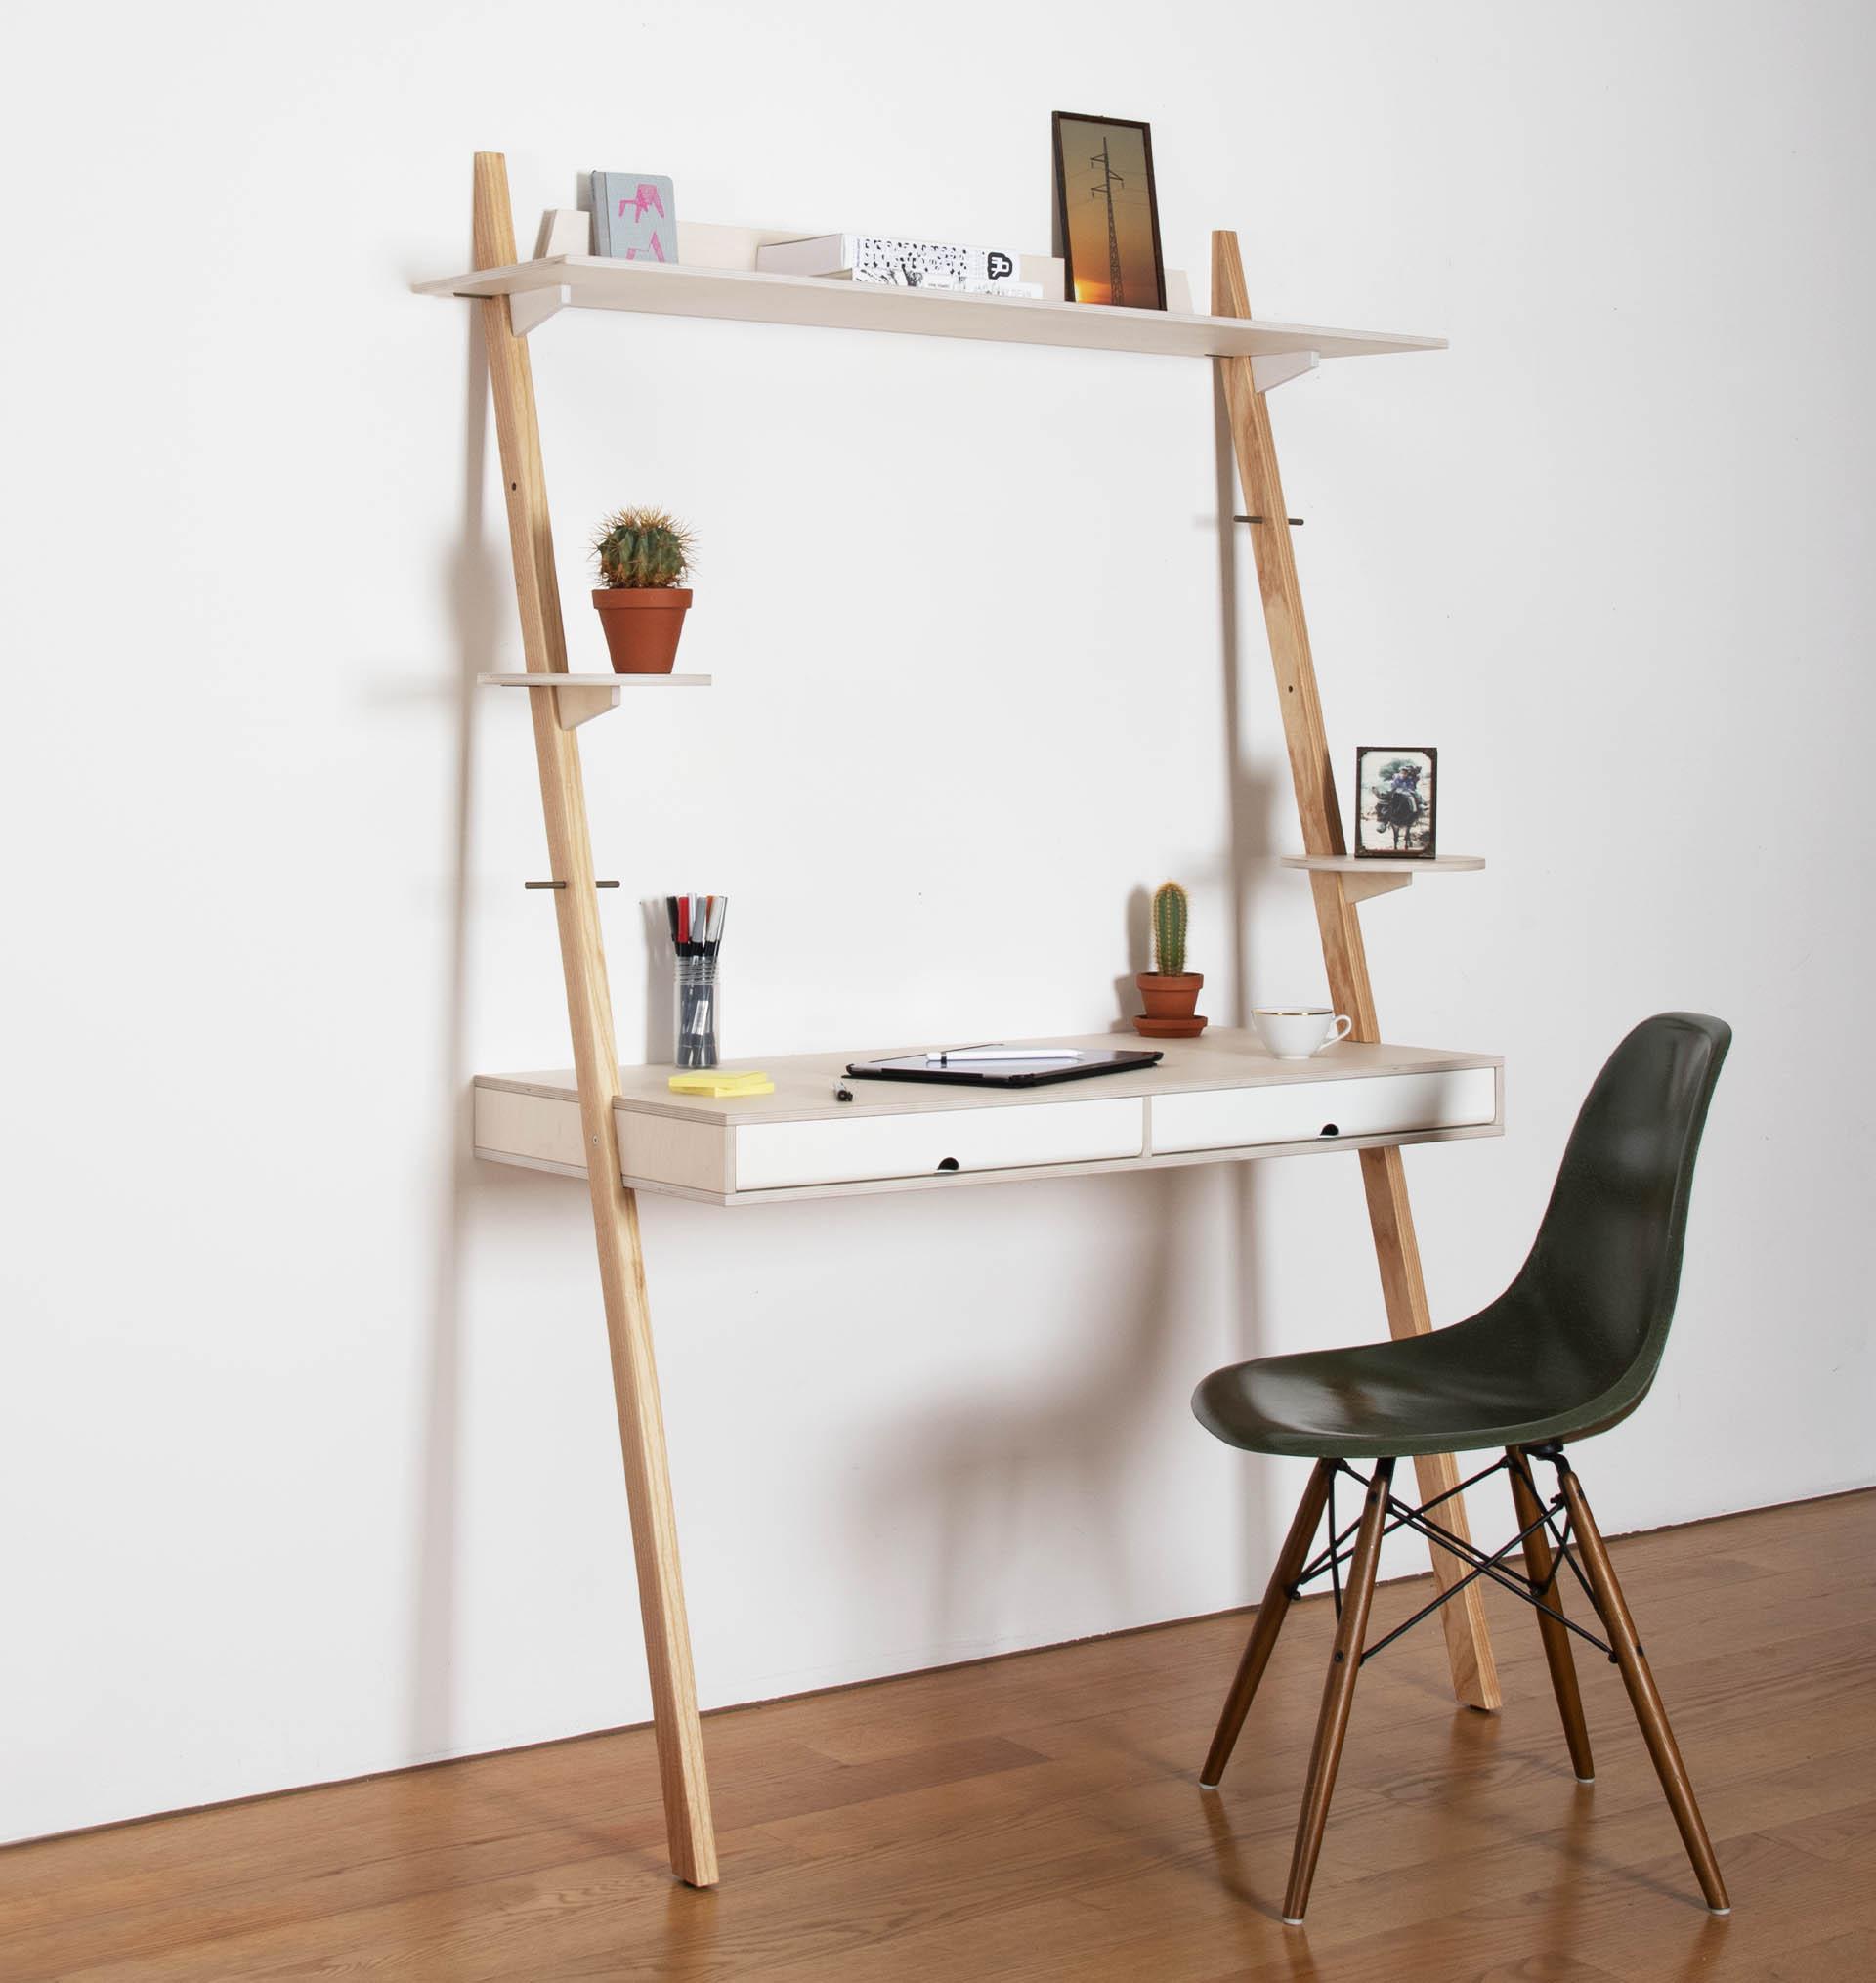 Der LEAN ON DESK ist ein kompakter Arbeitsplatz für das Home Office